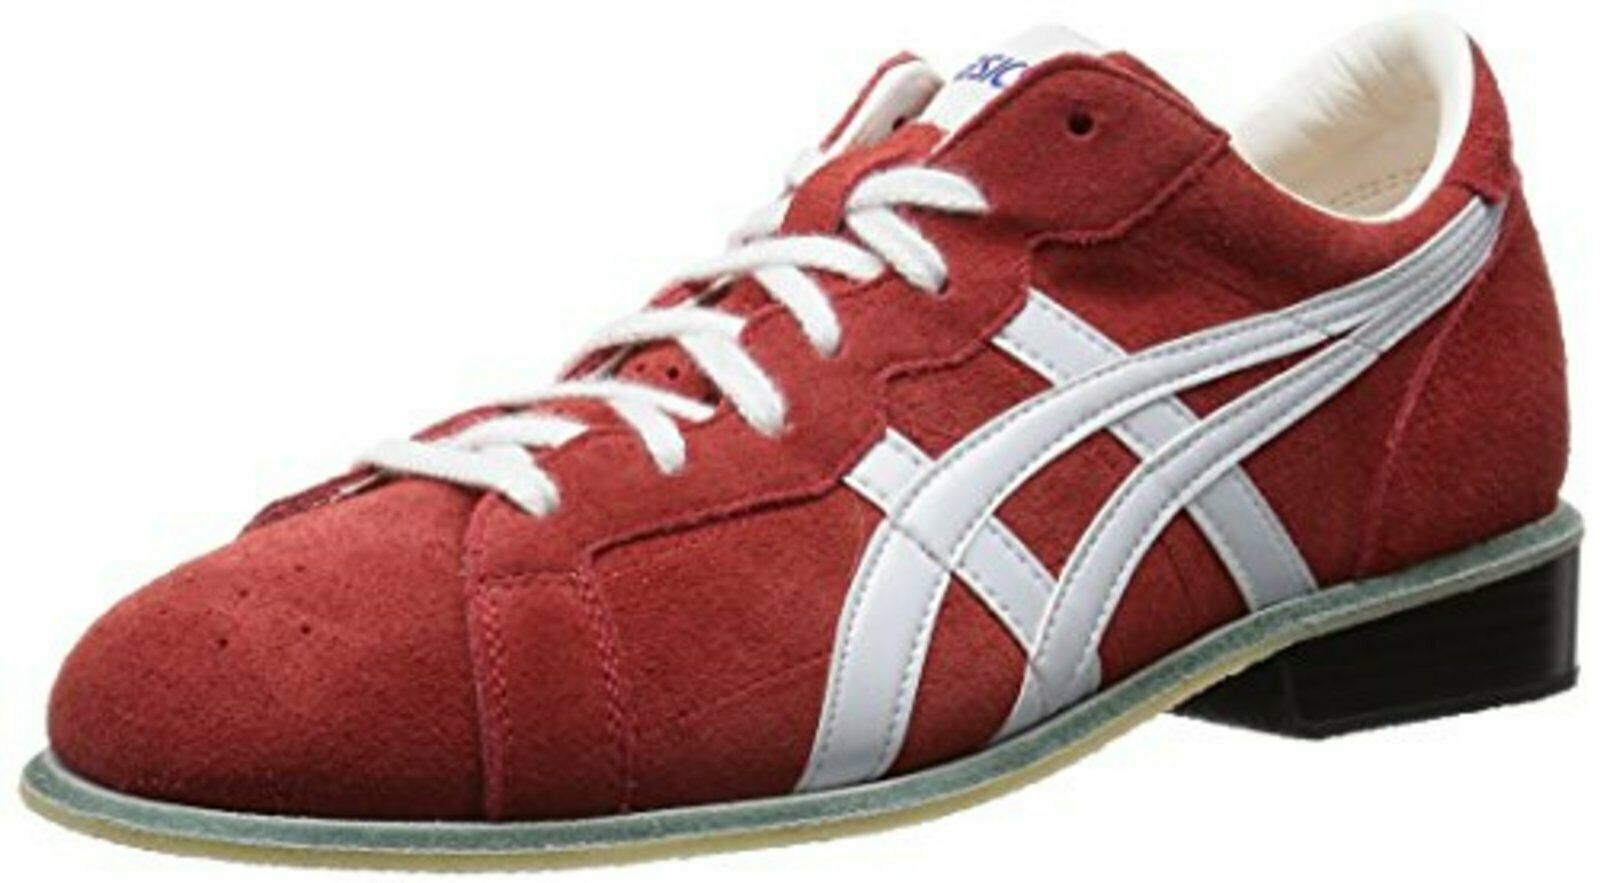 Asics de Levantamiento de Pesas Zapatos 727 Cuero blancoo Rojo US9 1 2 (27.5cm) F s con seguimiento